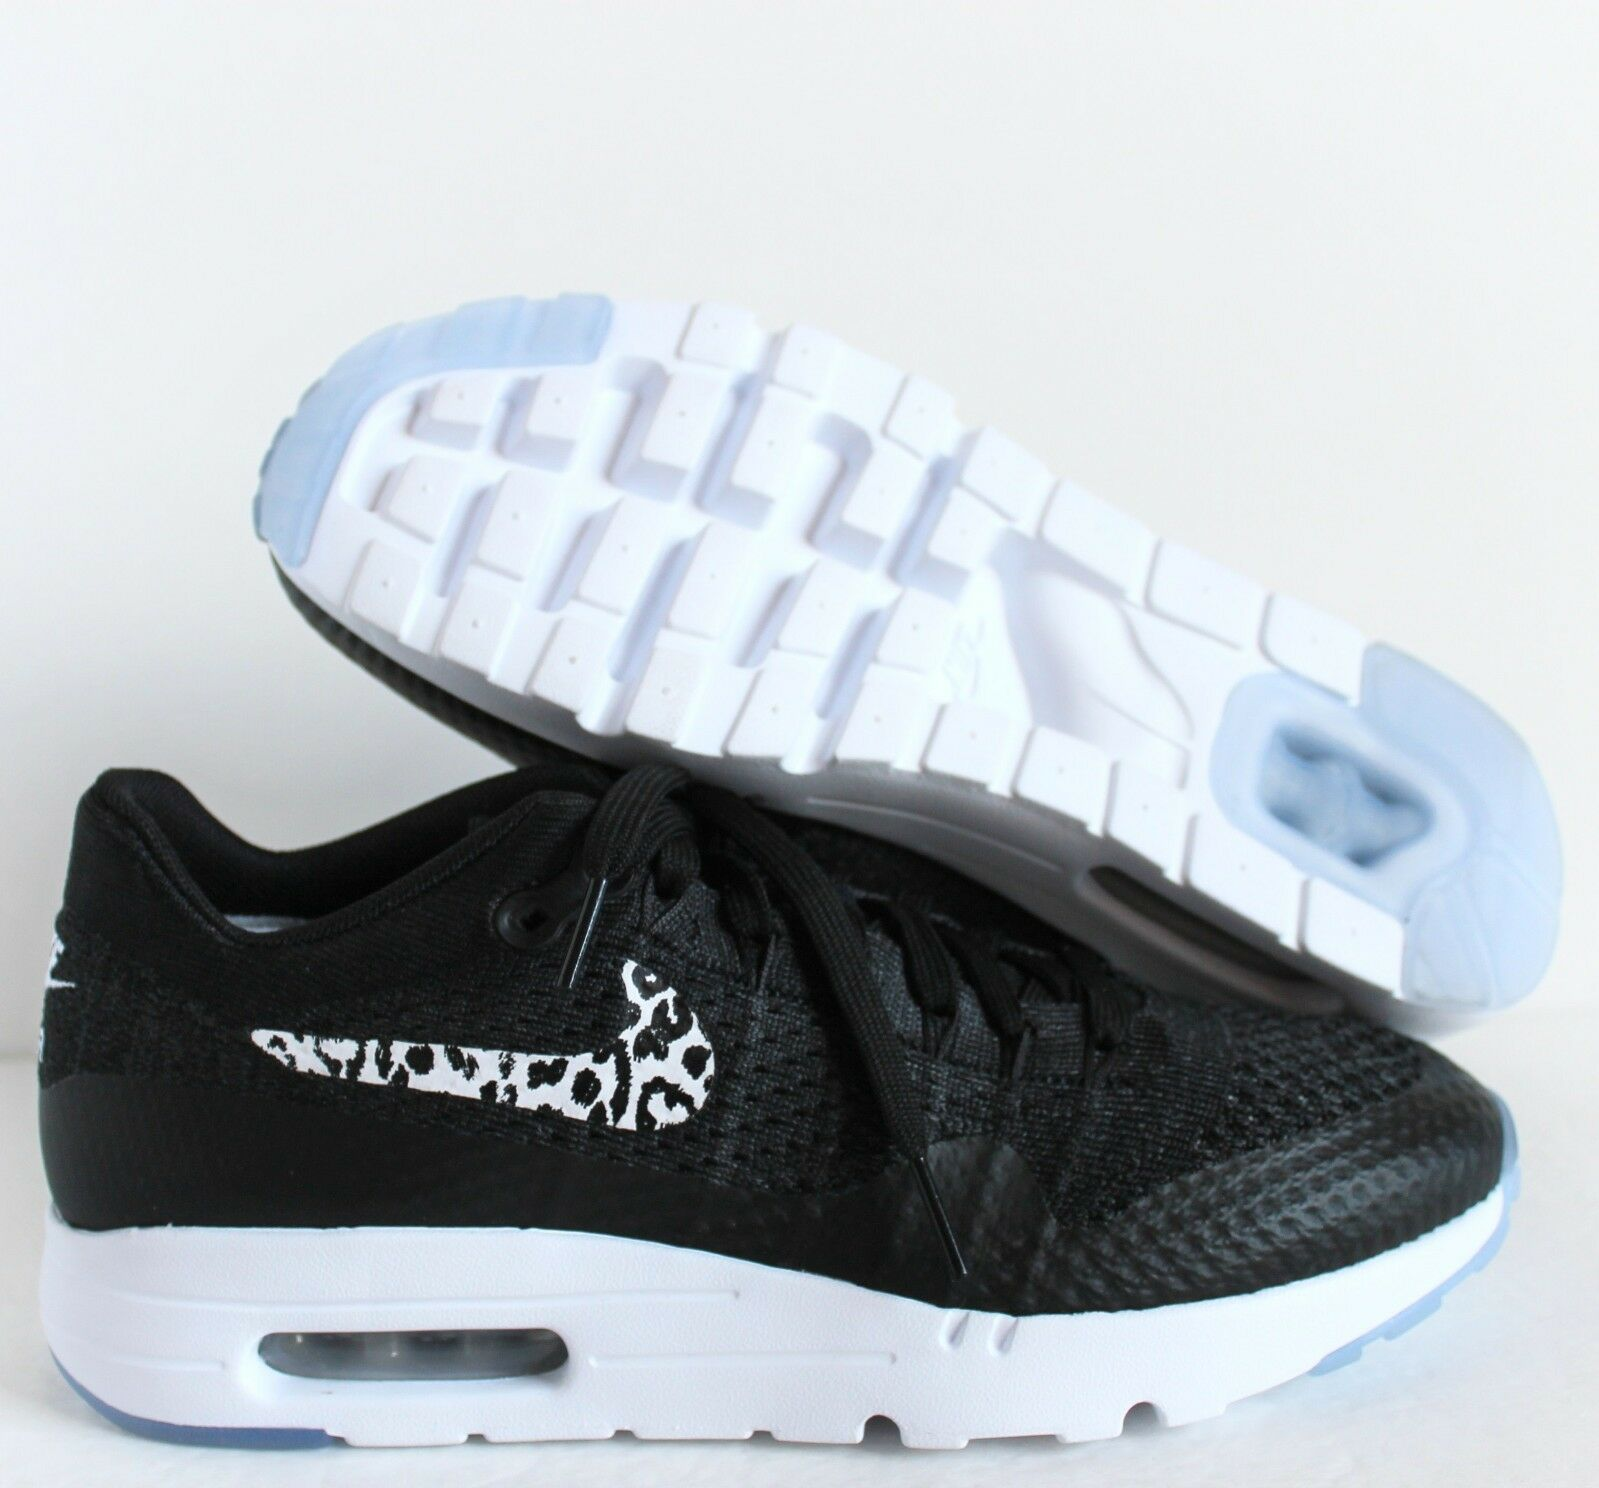 Los hombres de Nike Air Max 1 ULTRA Flyknit id precio Negro-Blanco 6.5 reducción de precio id 5563b7